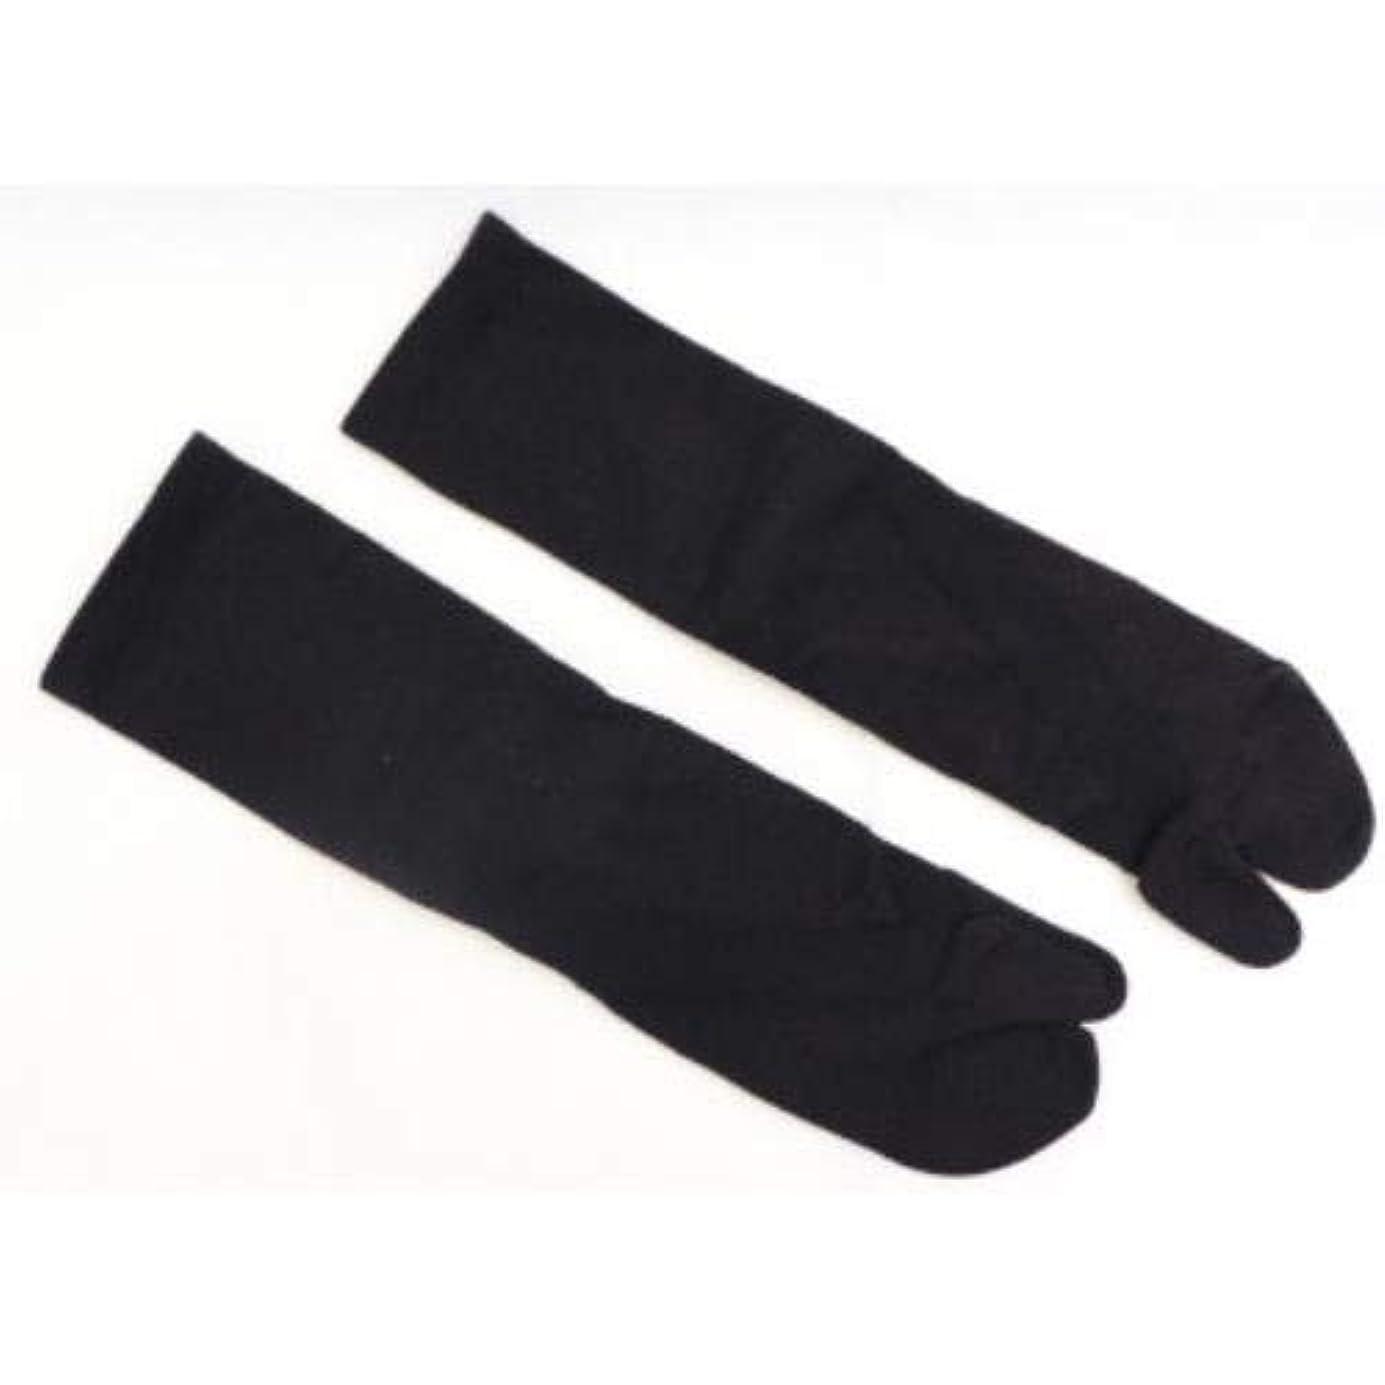 毎月松ビルダーさとう式 フレクサーソックス クルー 黒 (M) 足袋型